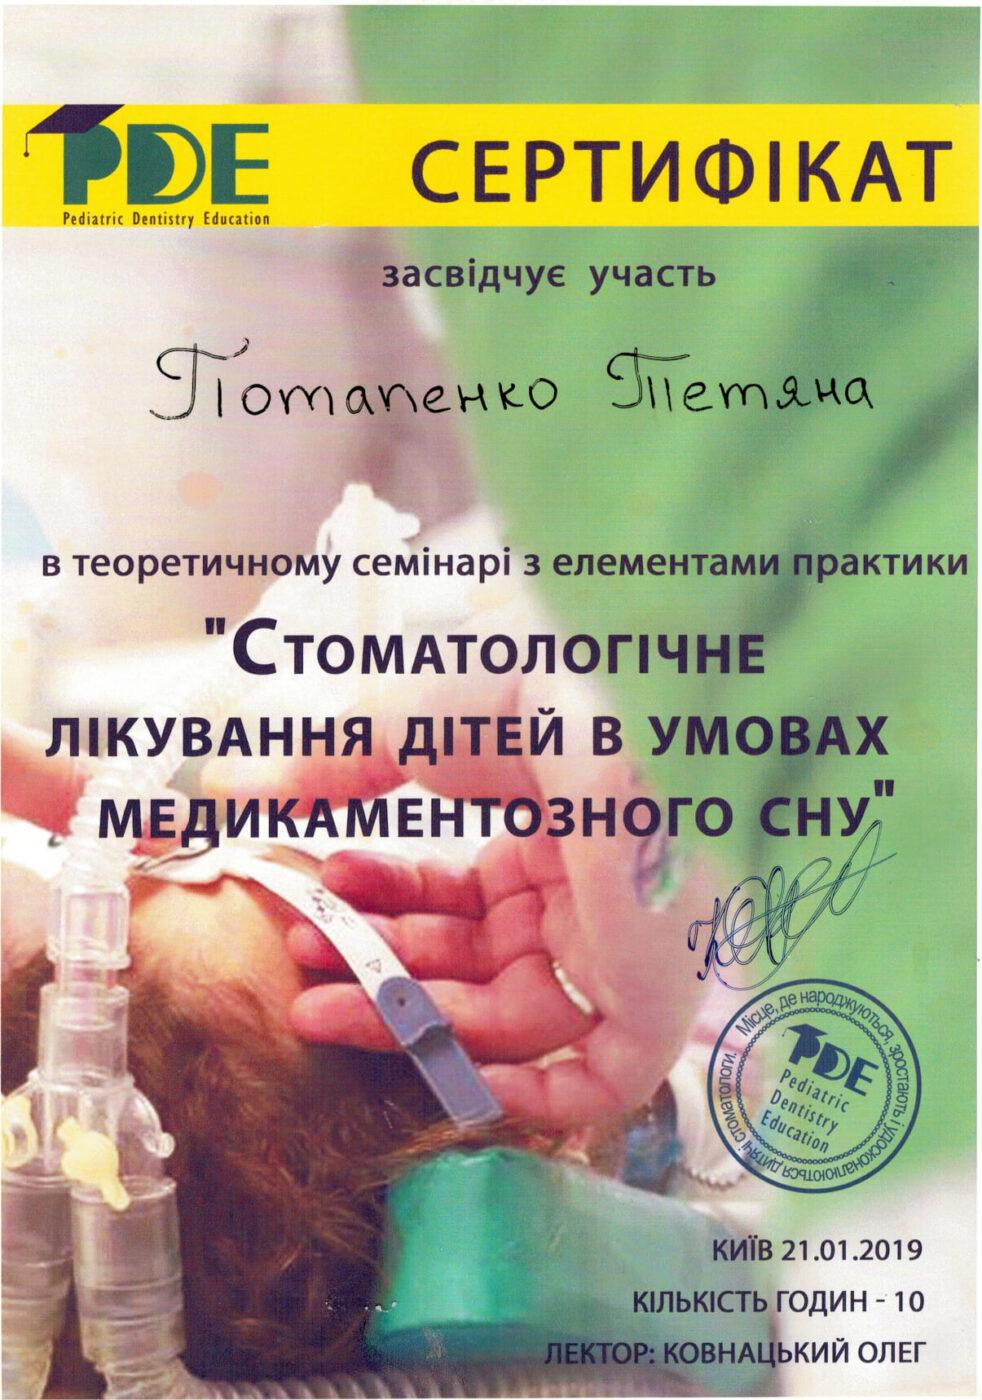 Сертификат подтверждающий участие Татьяны Потапенко в теоретическом семинаре - Стоматологическое лечение детей в условиях медикаментозного сна